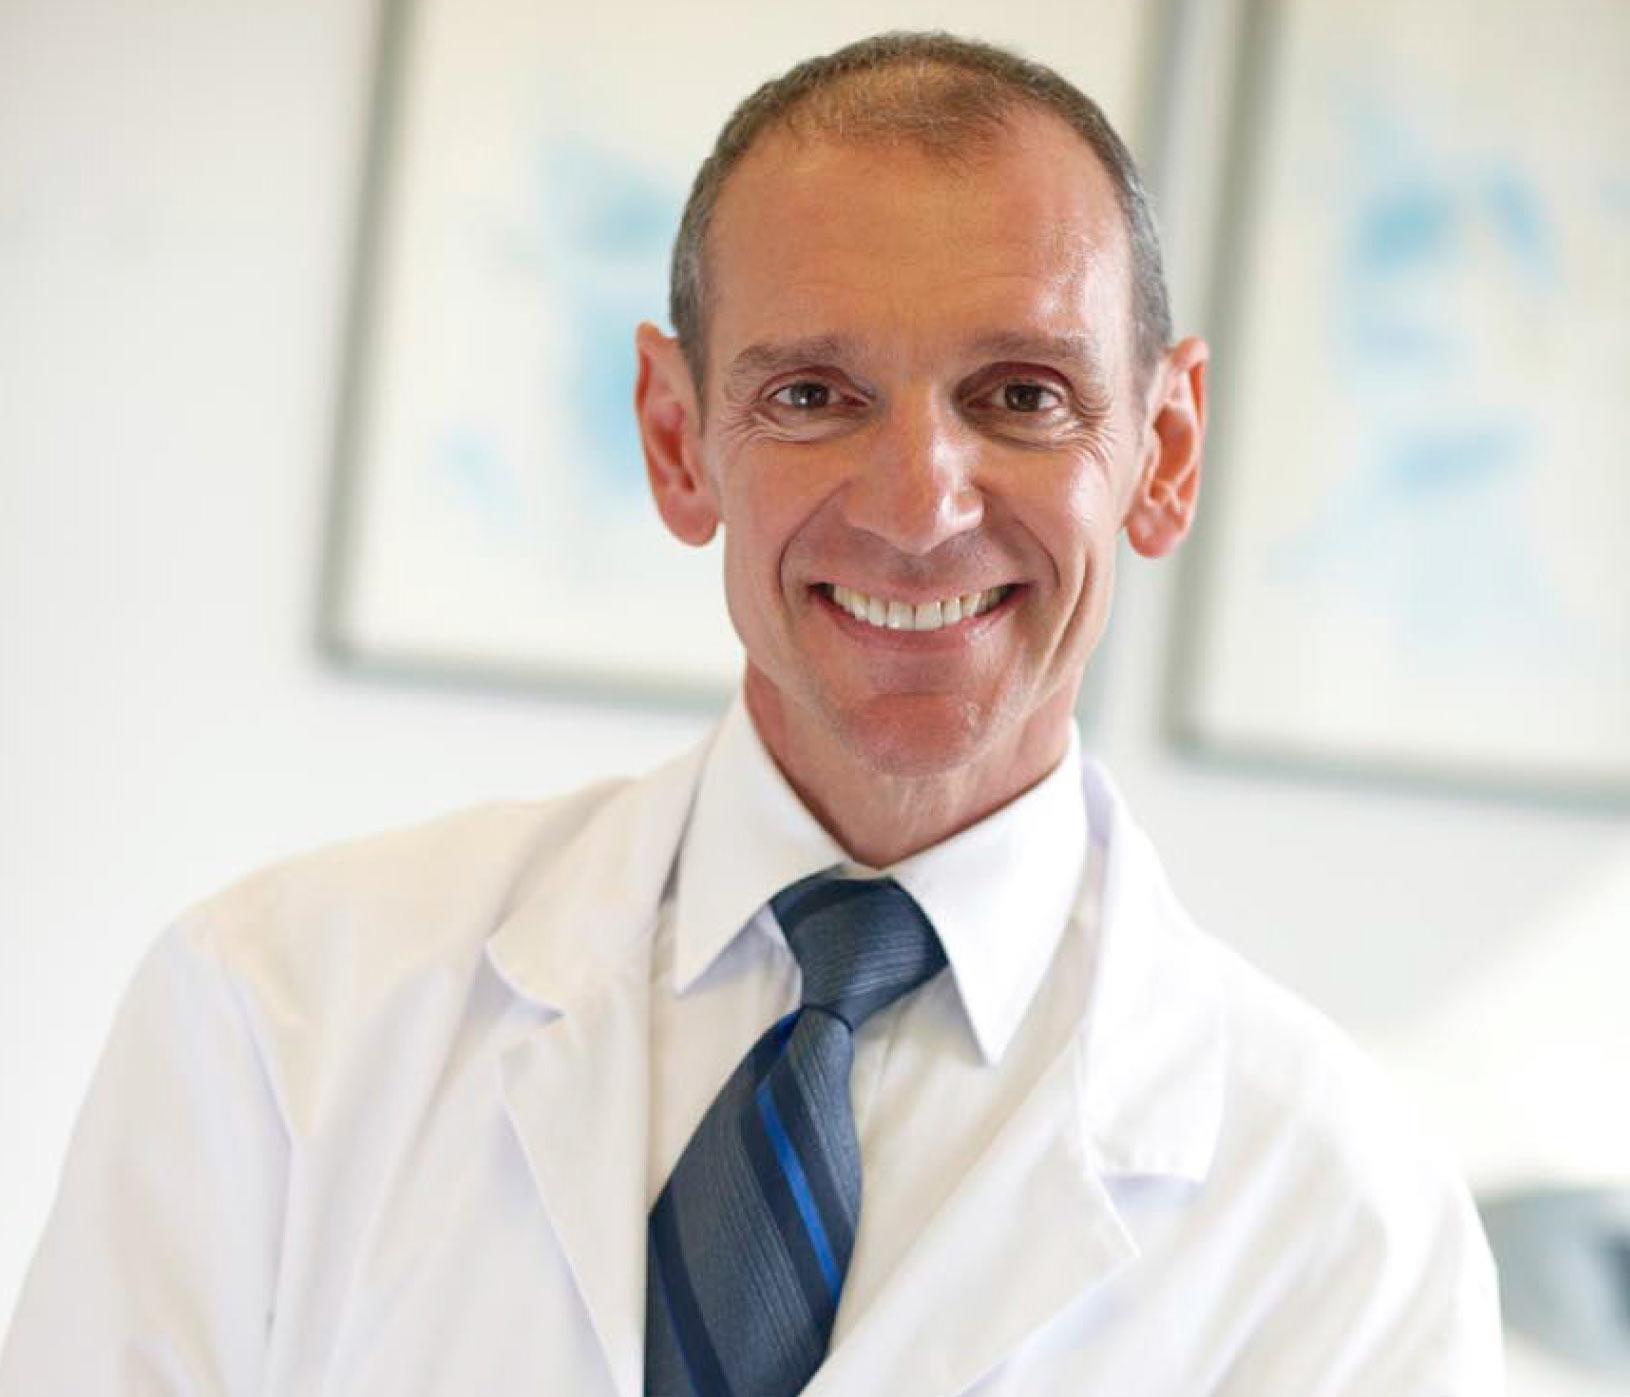 El lado amable de la cirugía: cirugía estética y procedimientos no quirúrgicos al alcance de todos